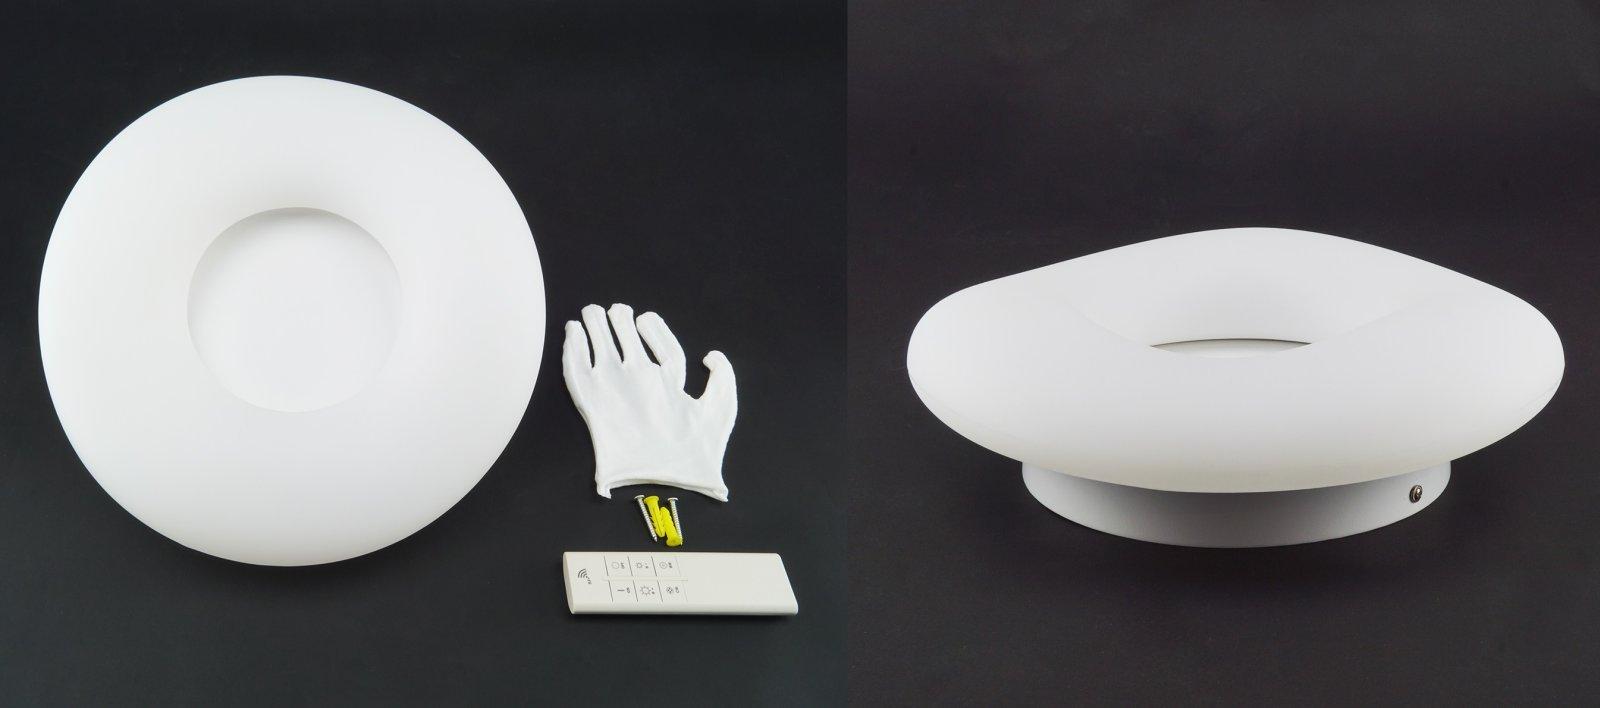 Kör vagy négyzet alakú, de egyenetlen felületű a VTAC LED designer sorozat tagjainak burája.